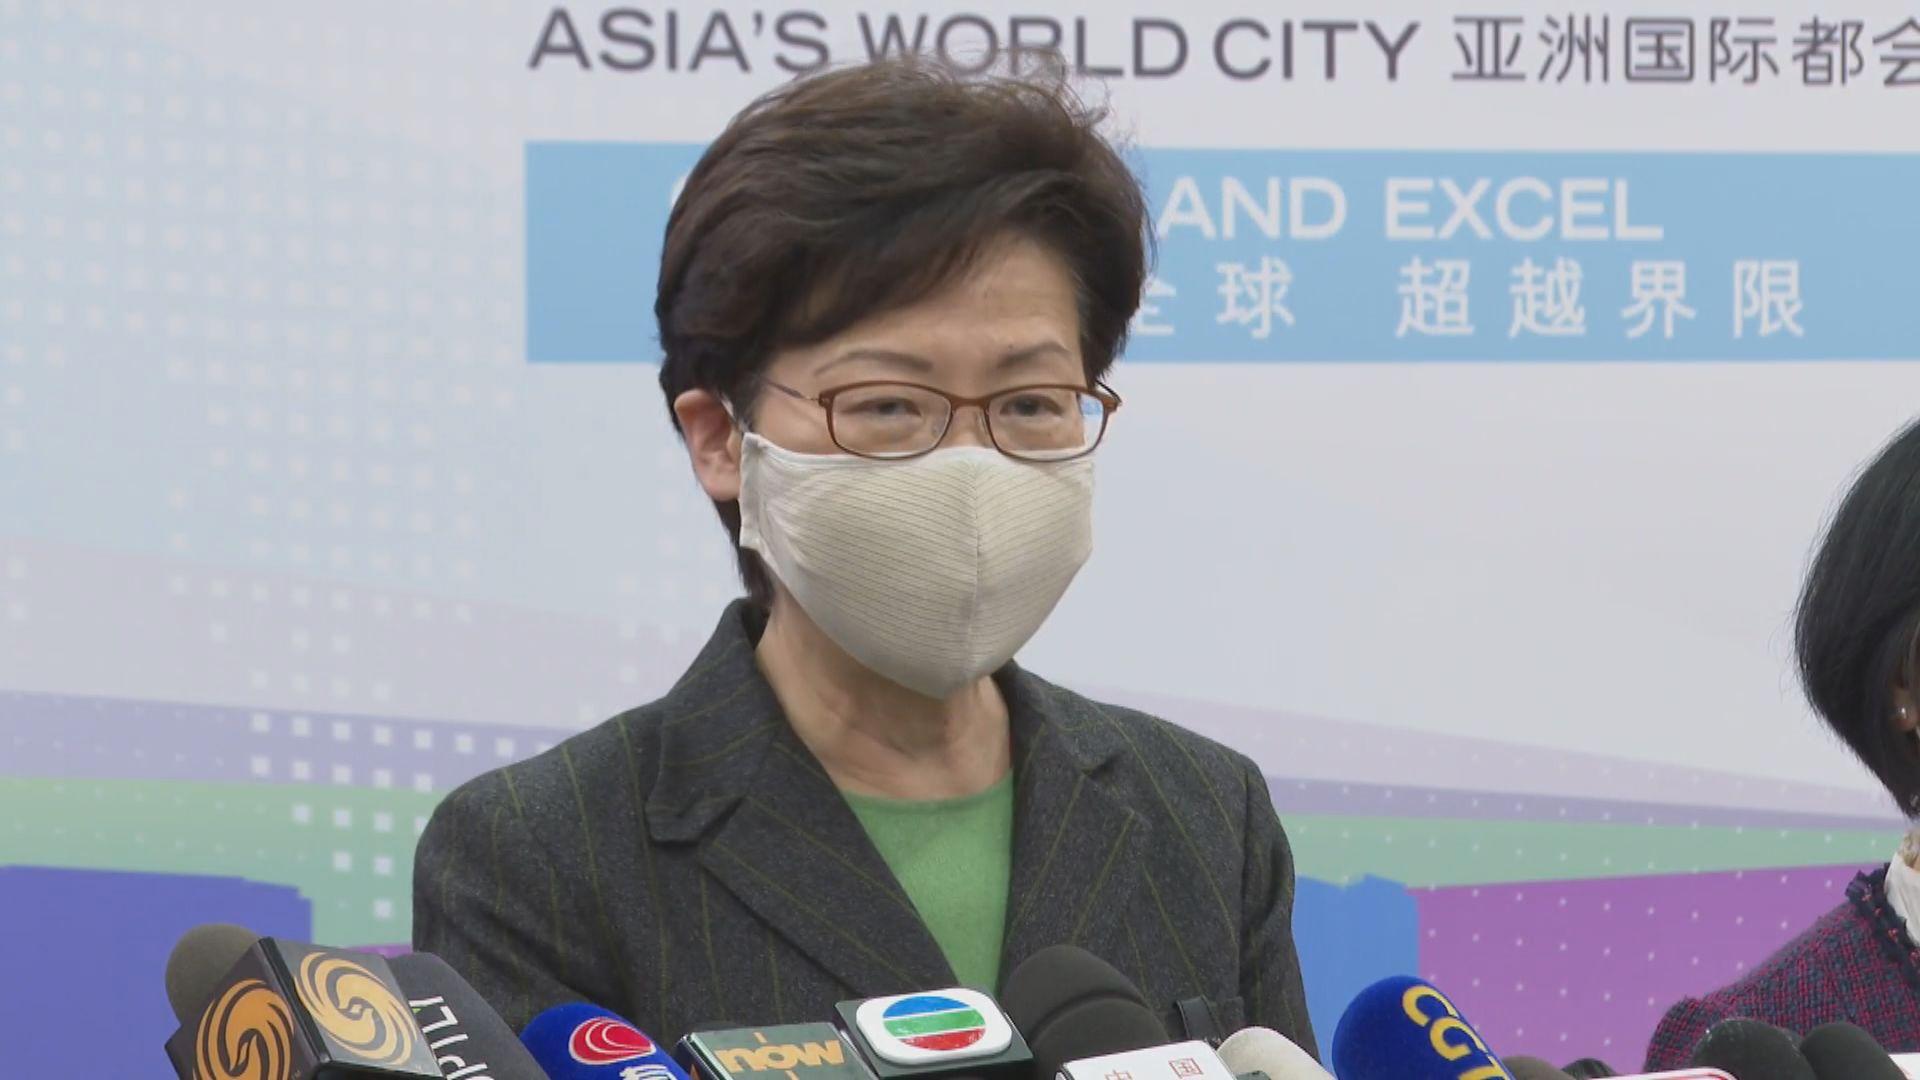 【最新】林鄭:政府不會打壓新聞自由 不存在選擇性檢控